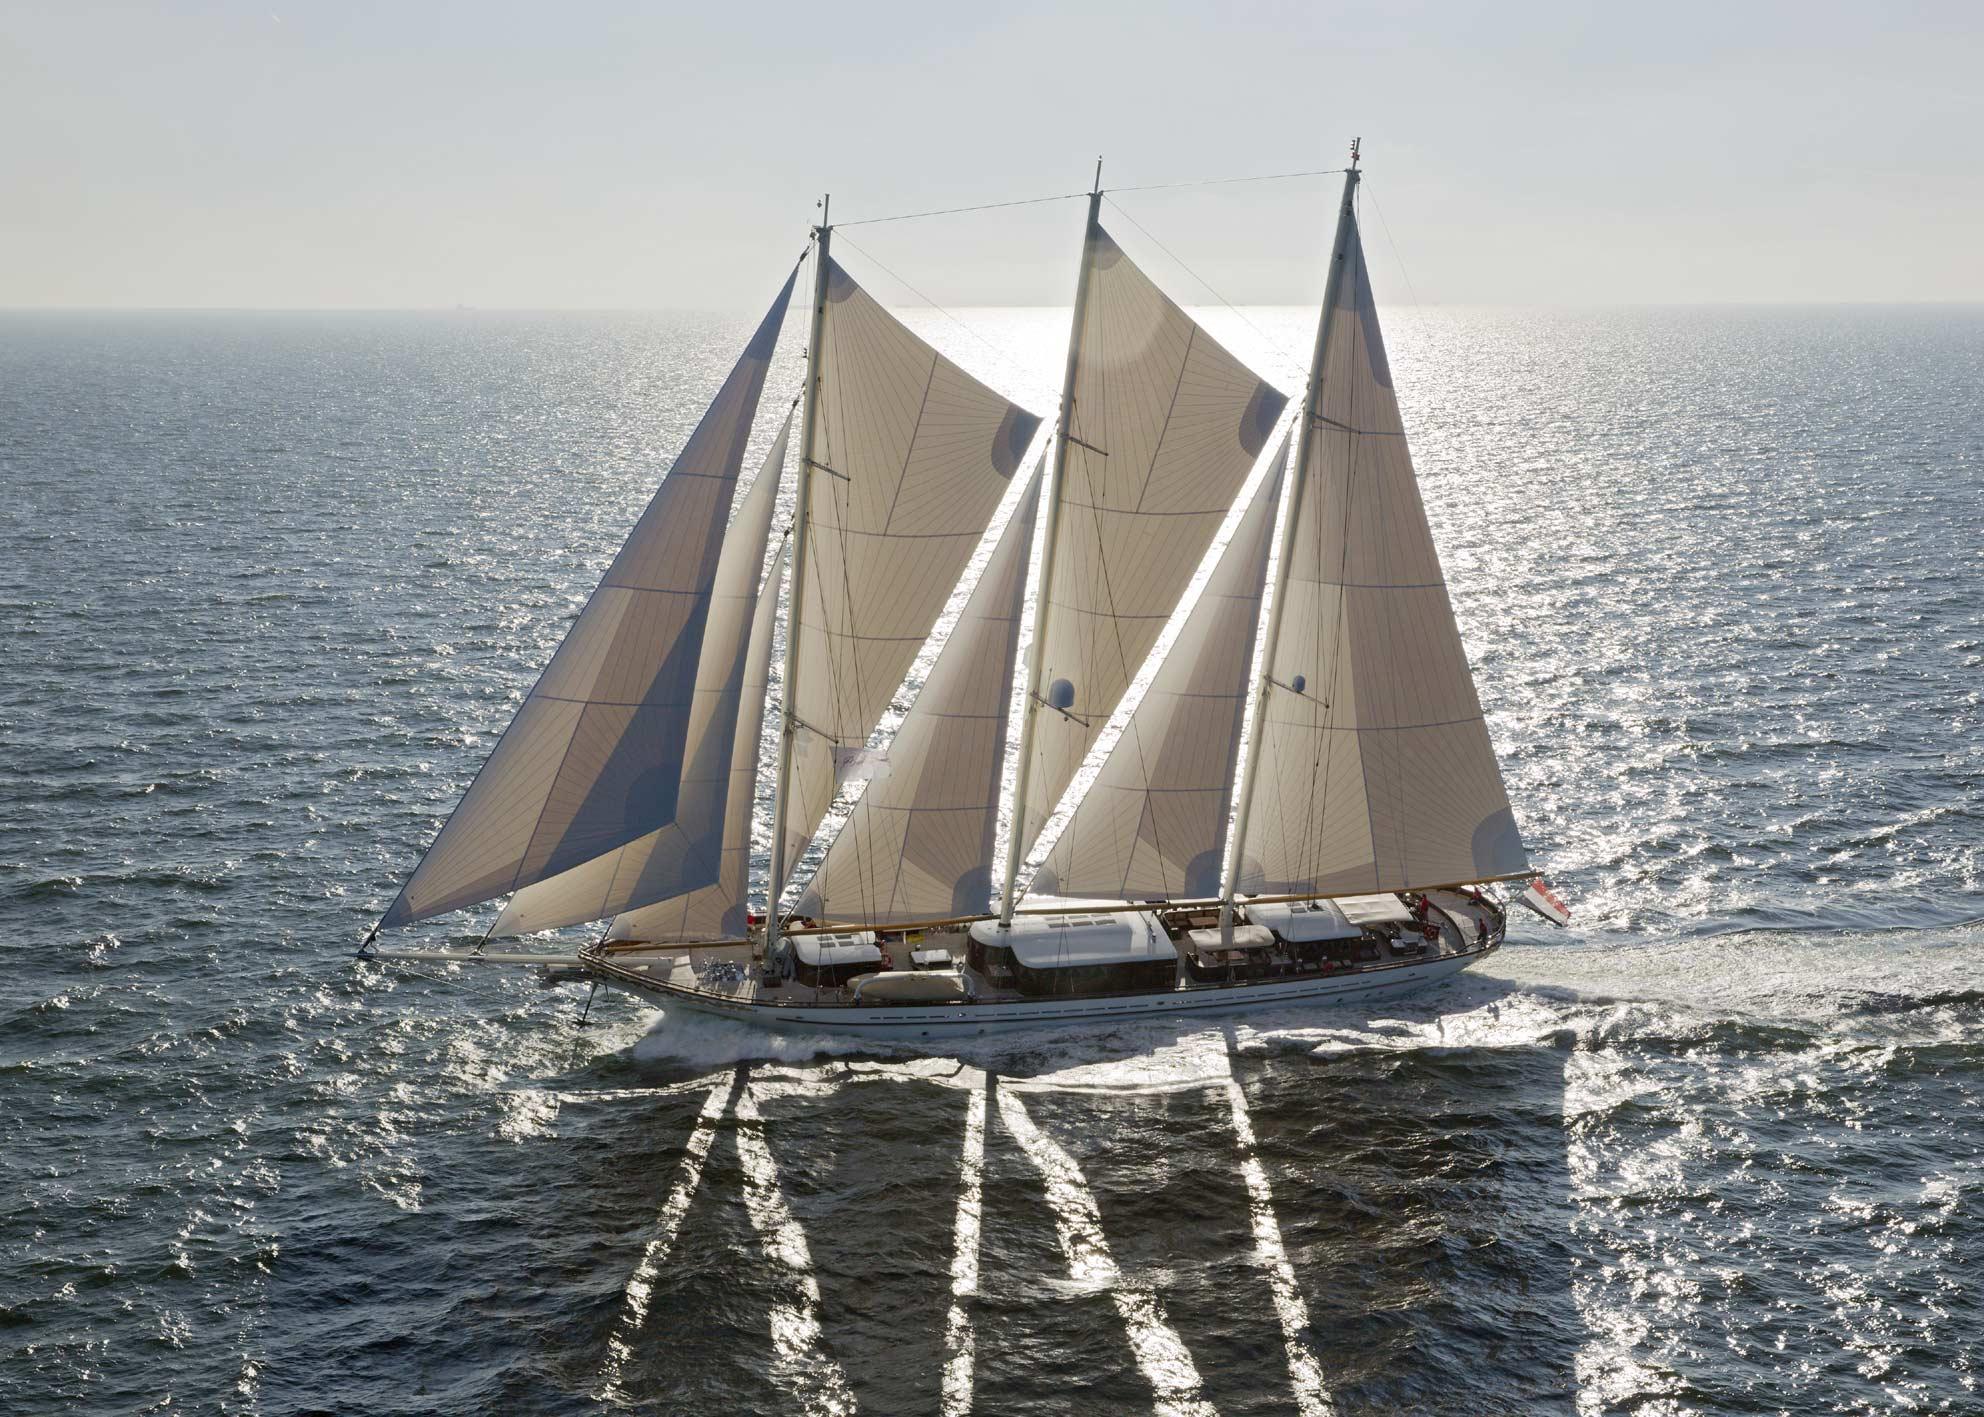 Luxury mega yacht Mikhail S. Vorontsov designed by Ken Freivokh